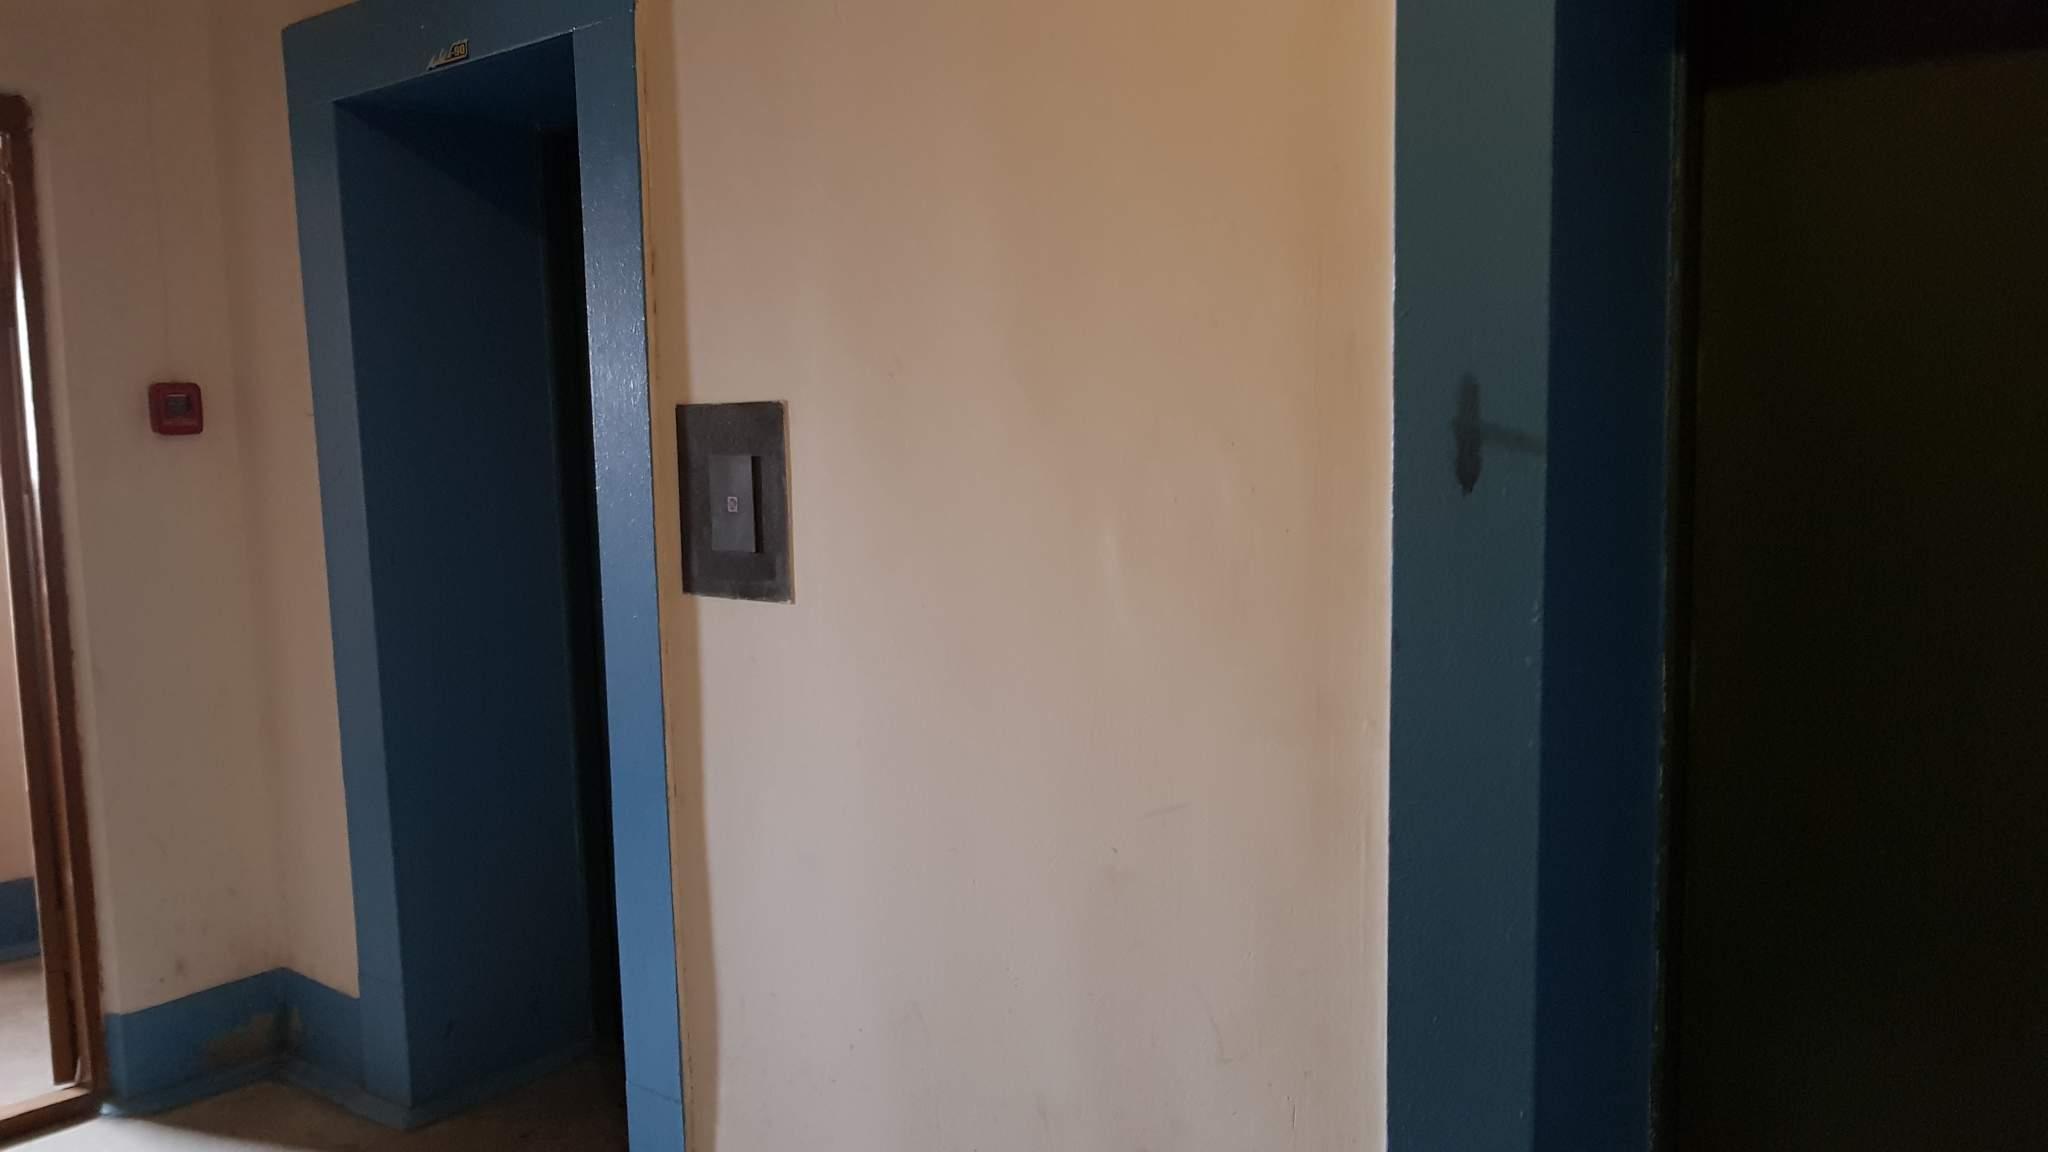 Квартира на продажу по адресу Россия, Тюменская обл, Тюмень, Чернышевского улица, 2ак4